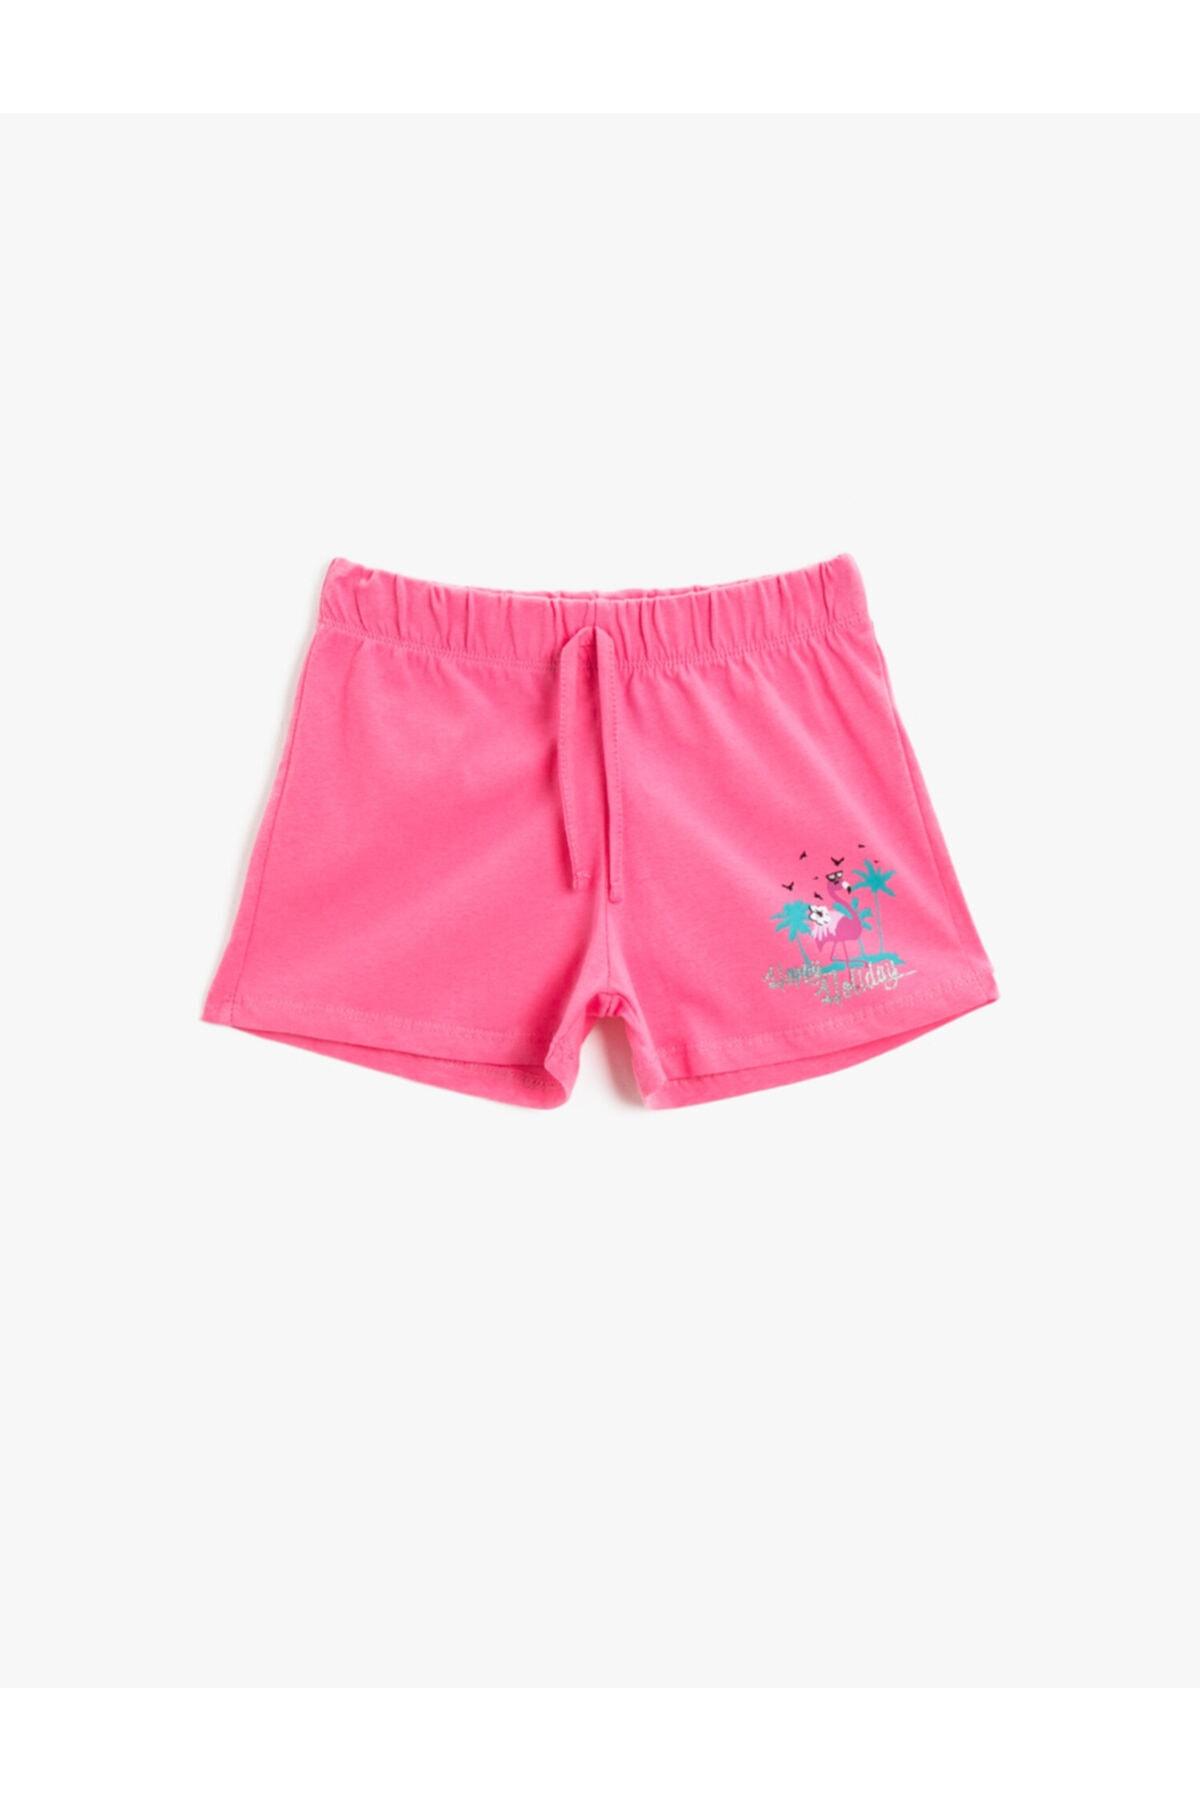 شلوارک دخترانه قیمت مناسب برند کوتون رنگ صورتی ty119266523